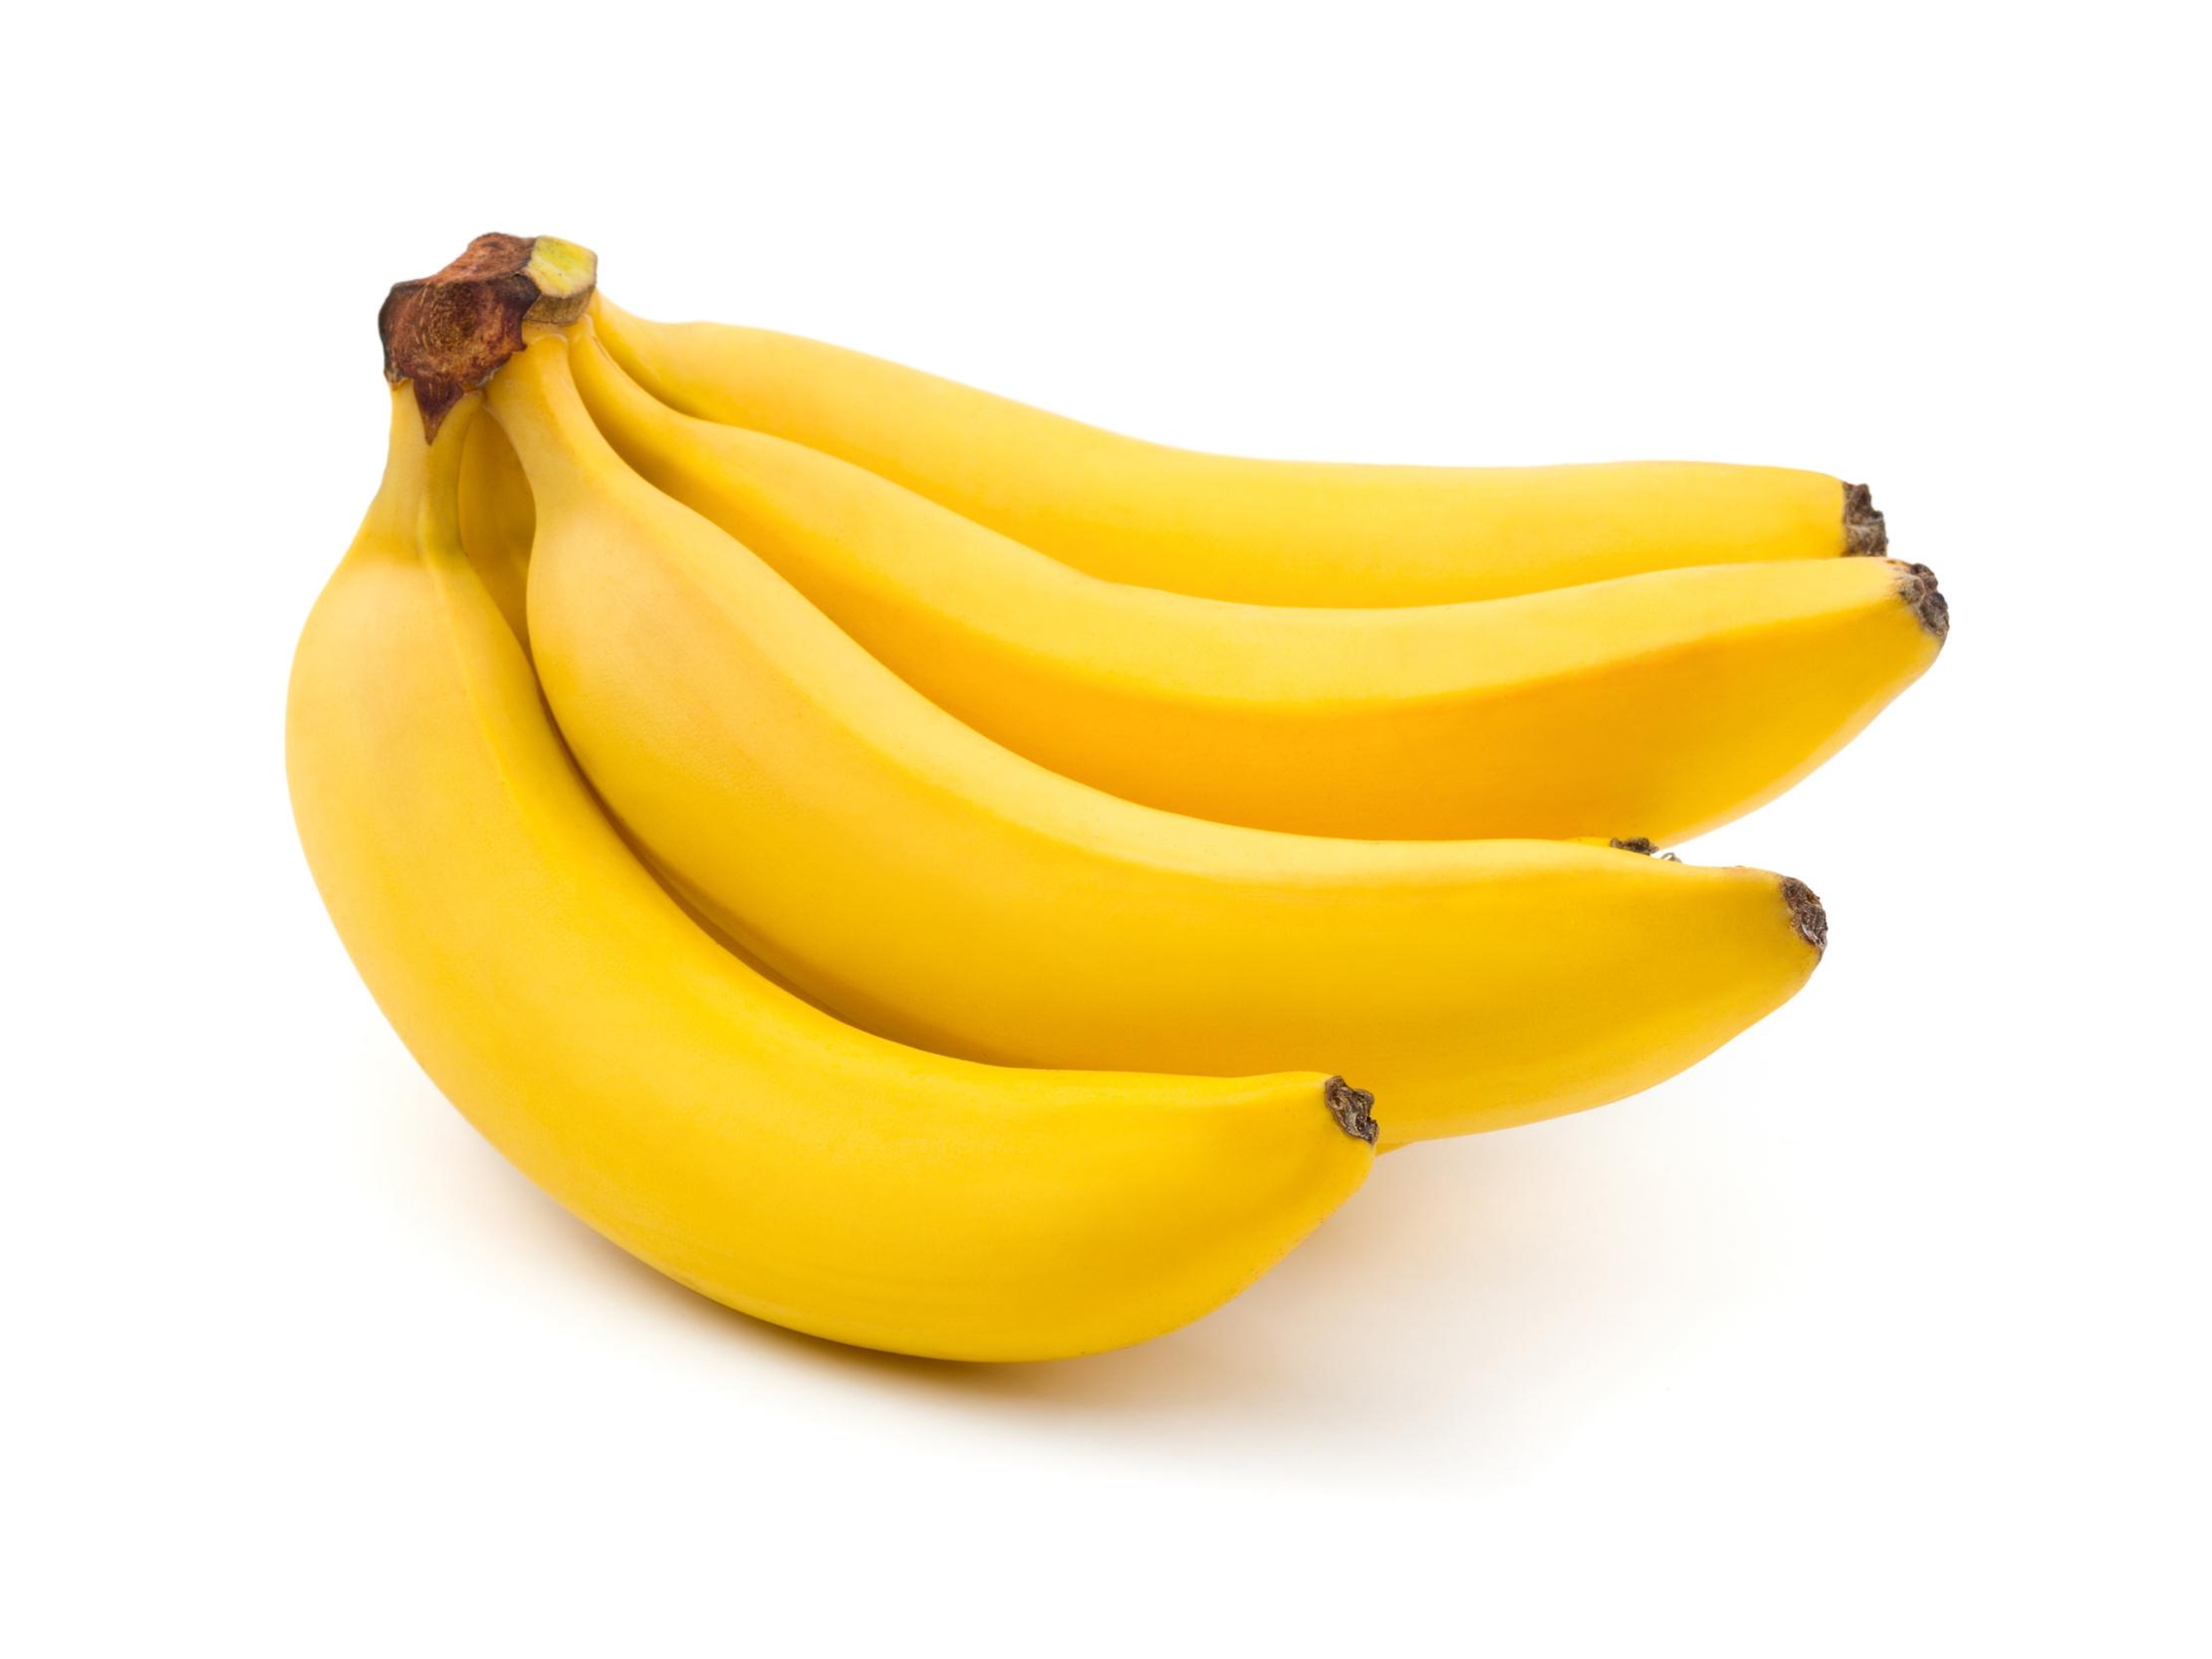 bananas hd image